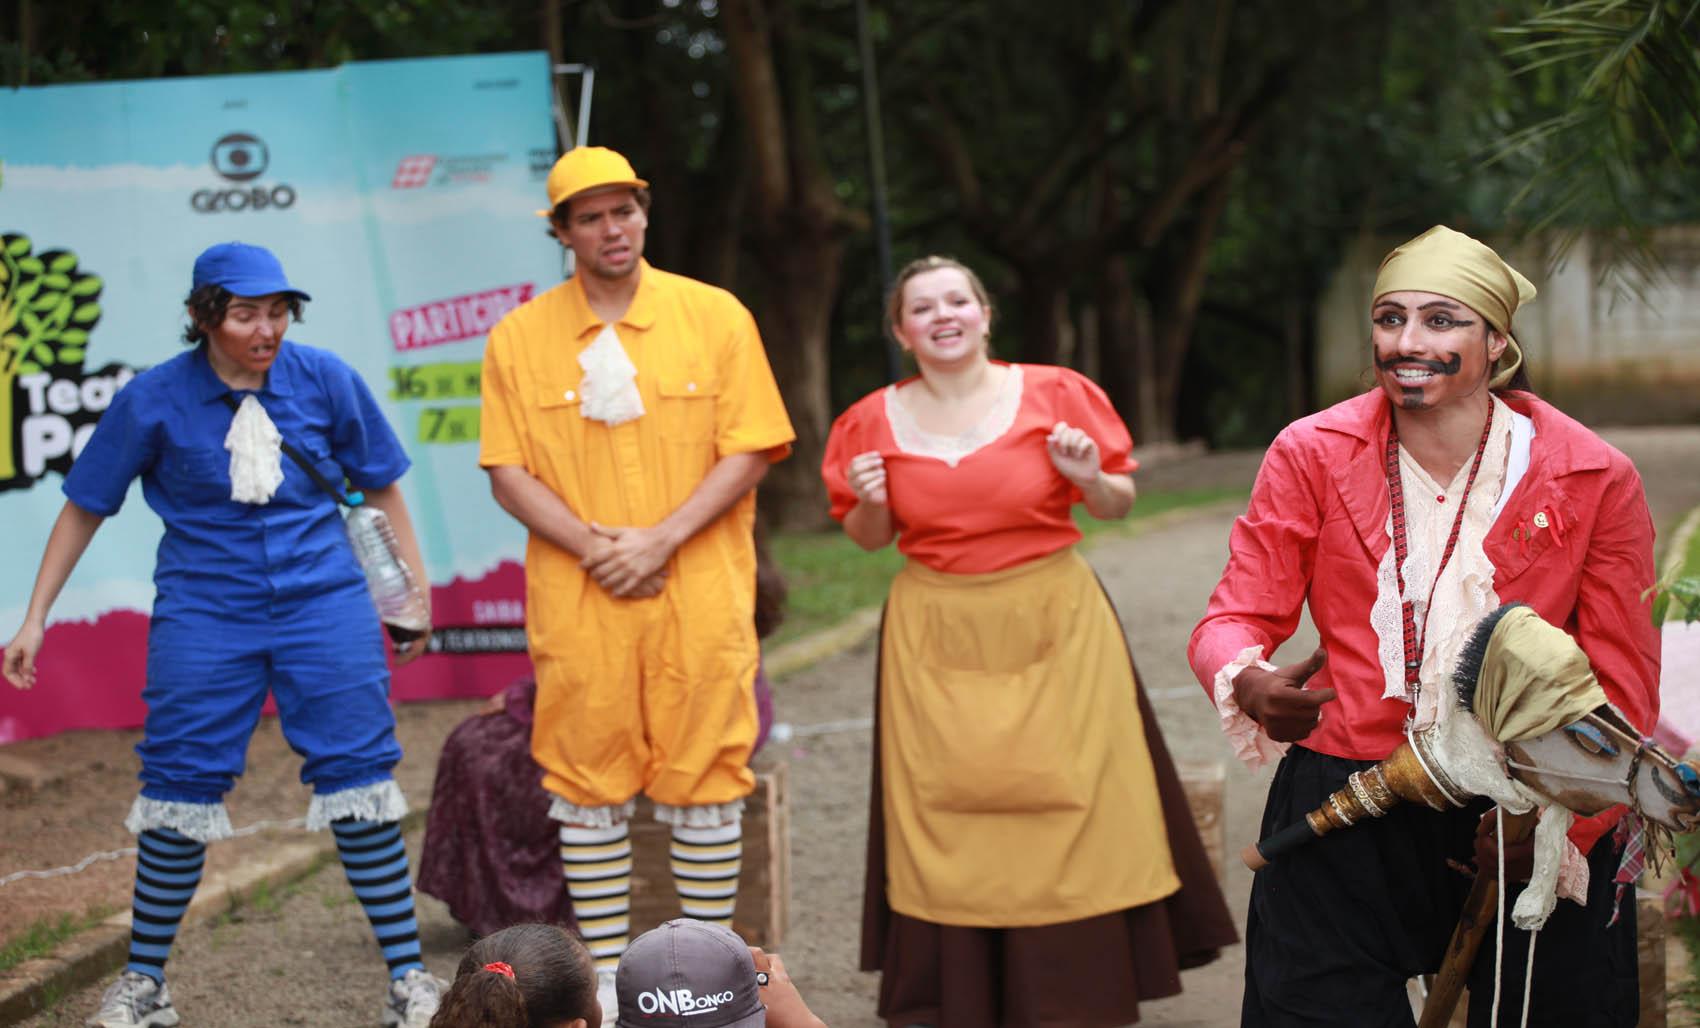 """O grupo """"Arte Simples de Teatro"""" apresentou """"A Festa"""" no Parque Ecológico, em Diadema, neste domingo (24). Sétima edição da mostra Teatro nos Parques segue até o dia 7 d"""